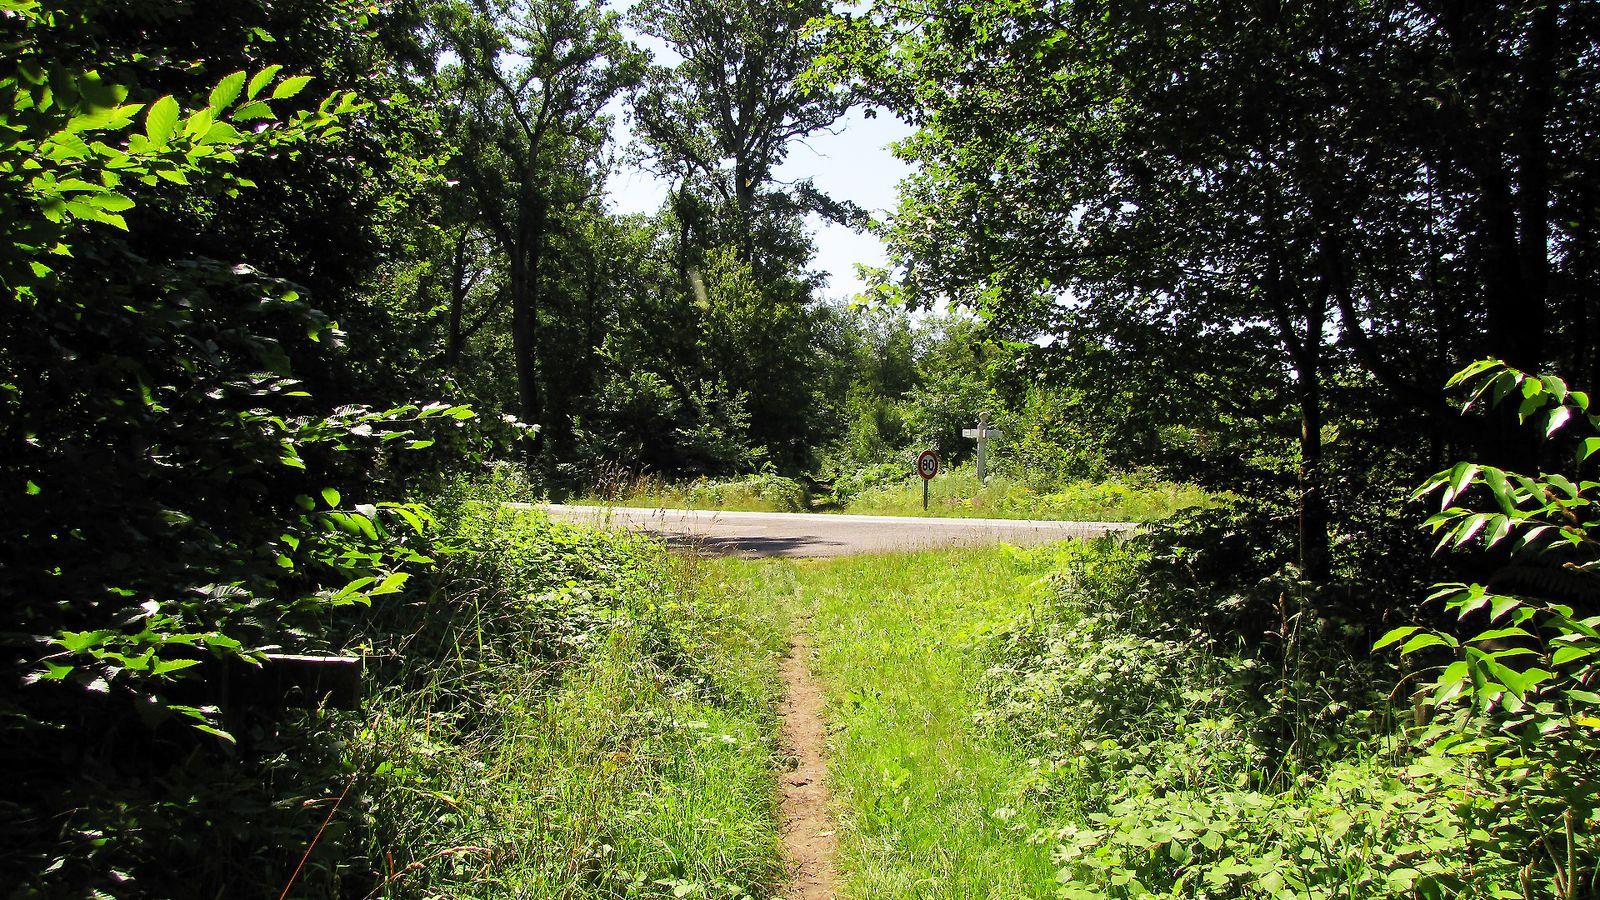 le carrefour de Morpigny